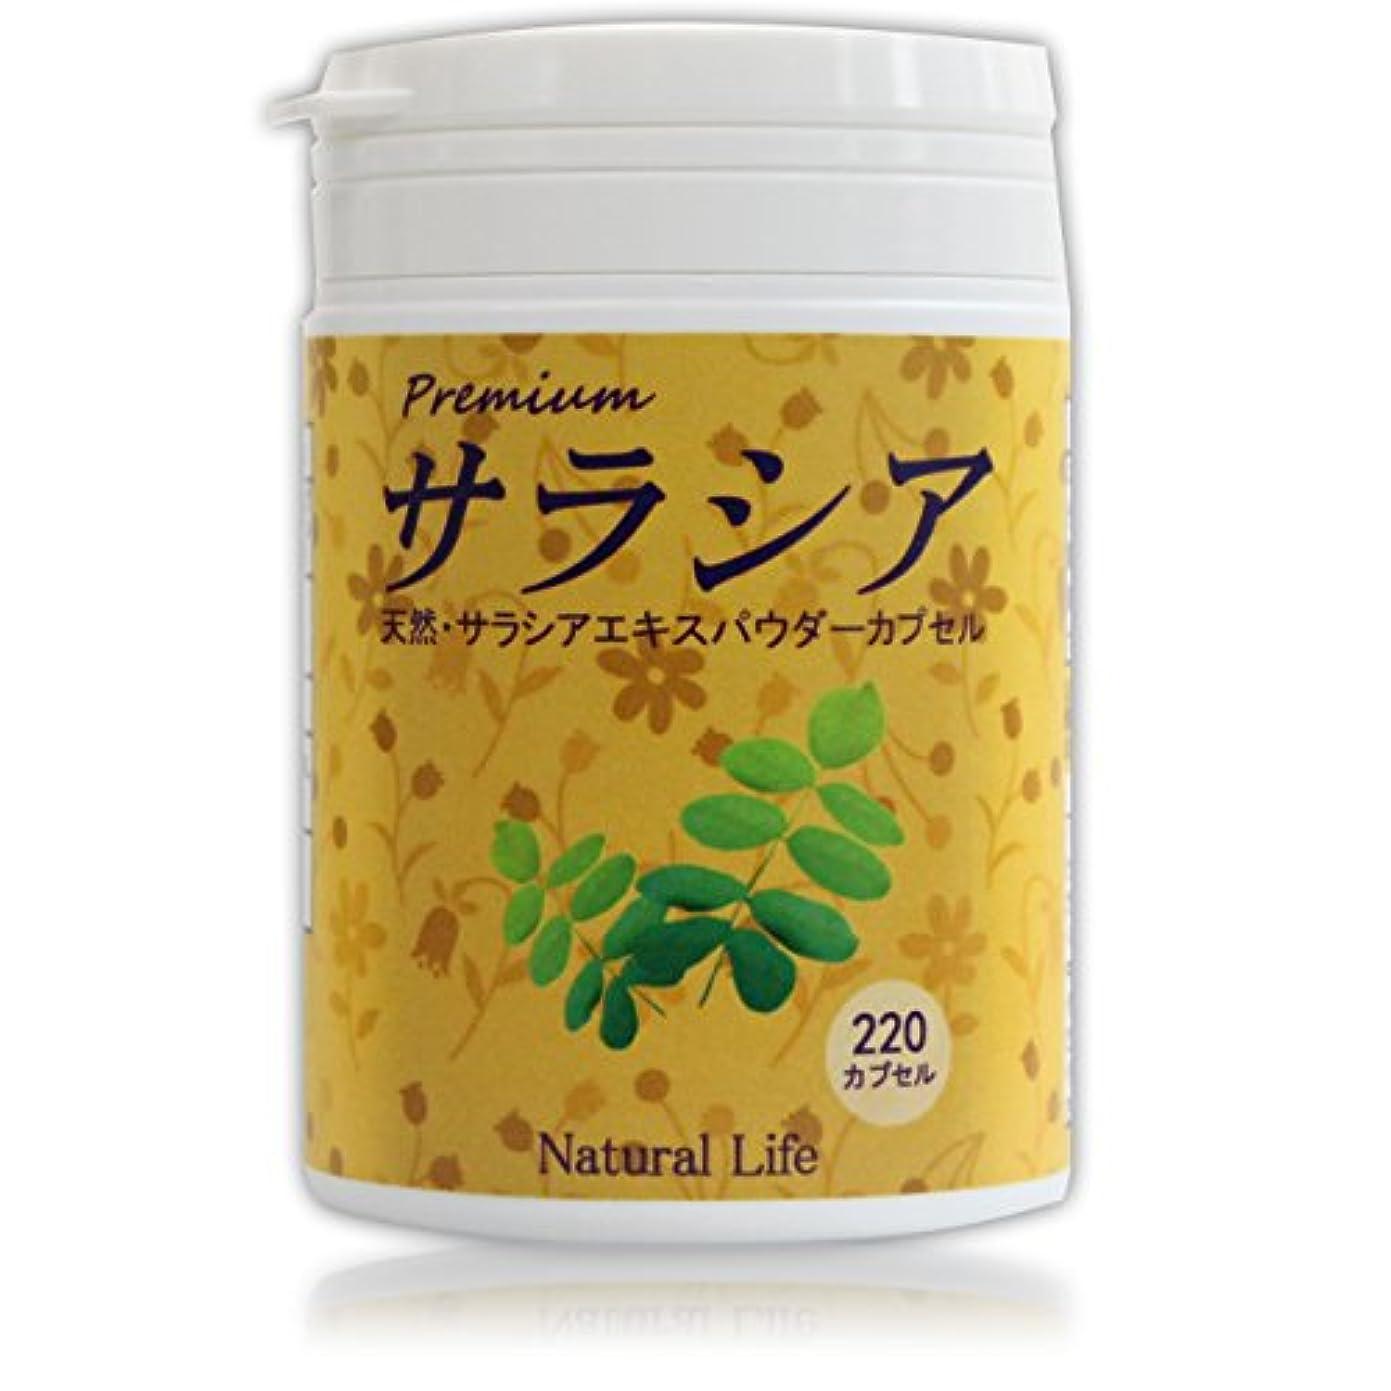 永久ボリューム秀でるサラシアカプセル[220粒]天然ピュア原料(無添加) 健康食品(サラシア,さらしあ)